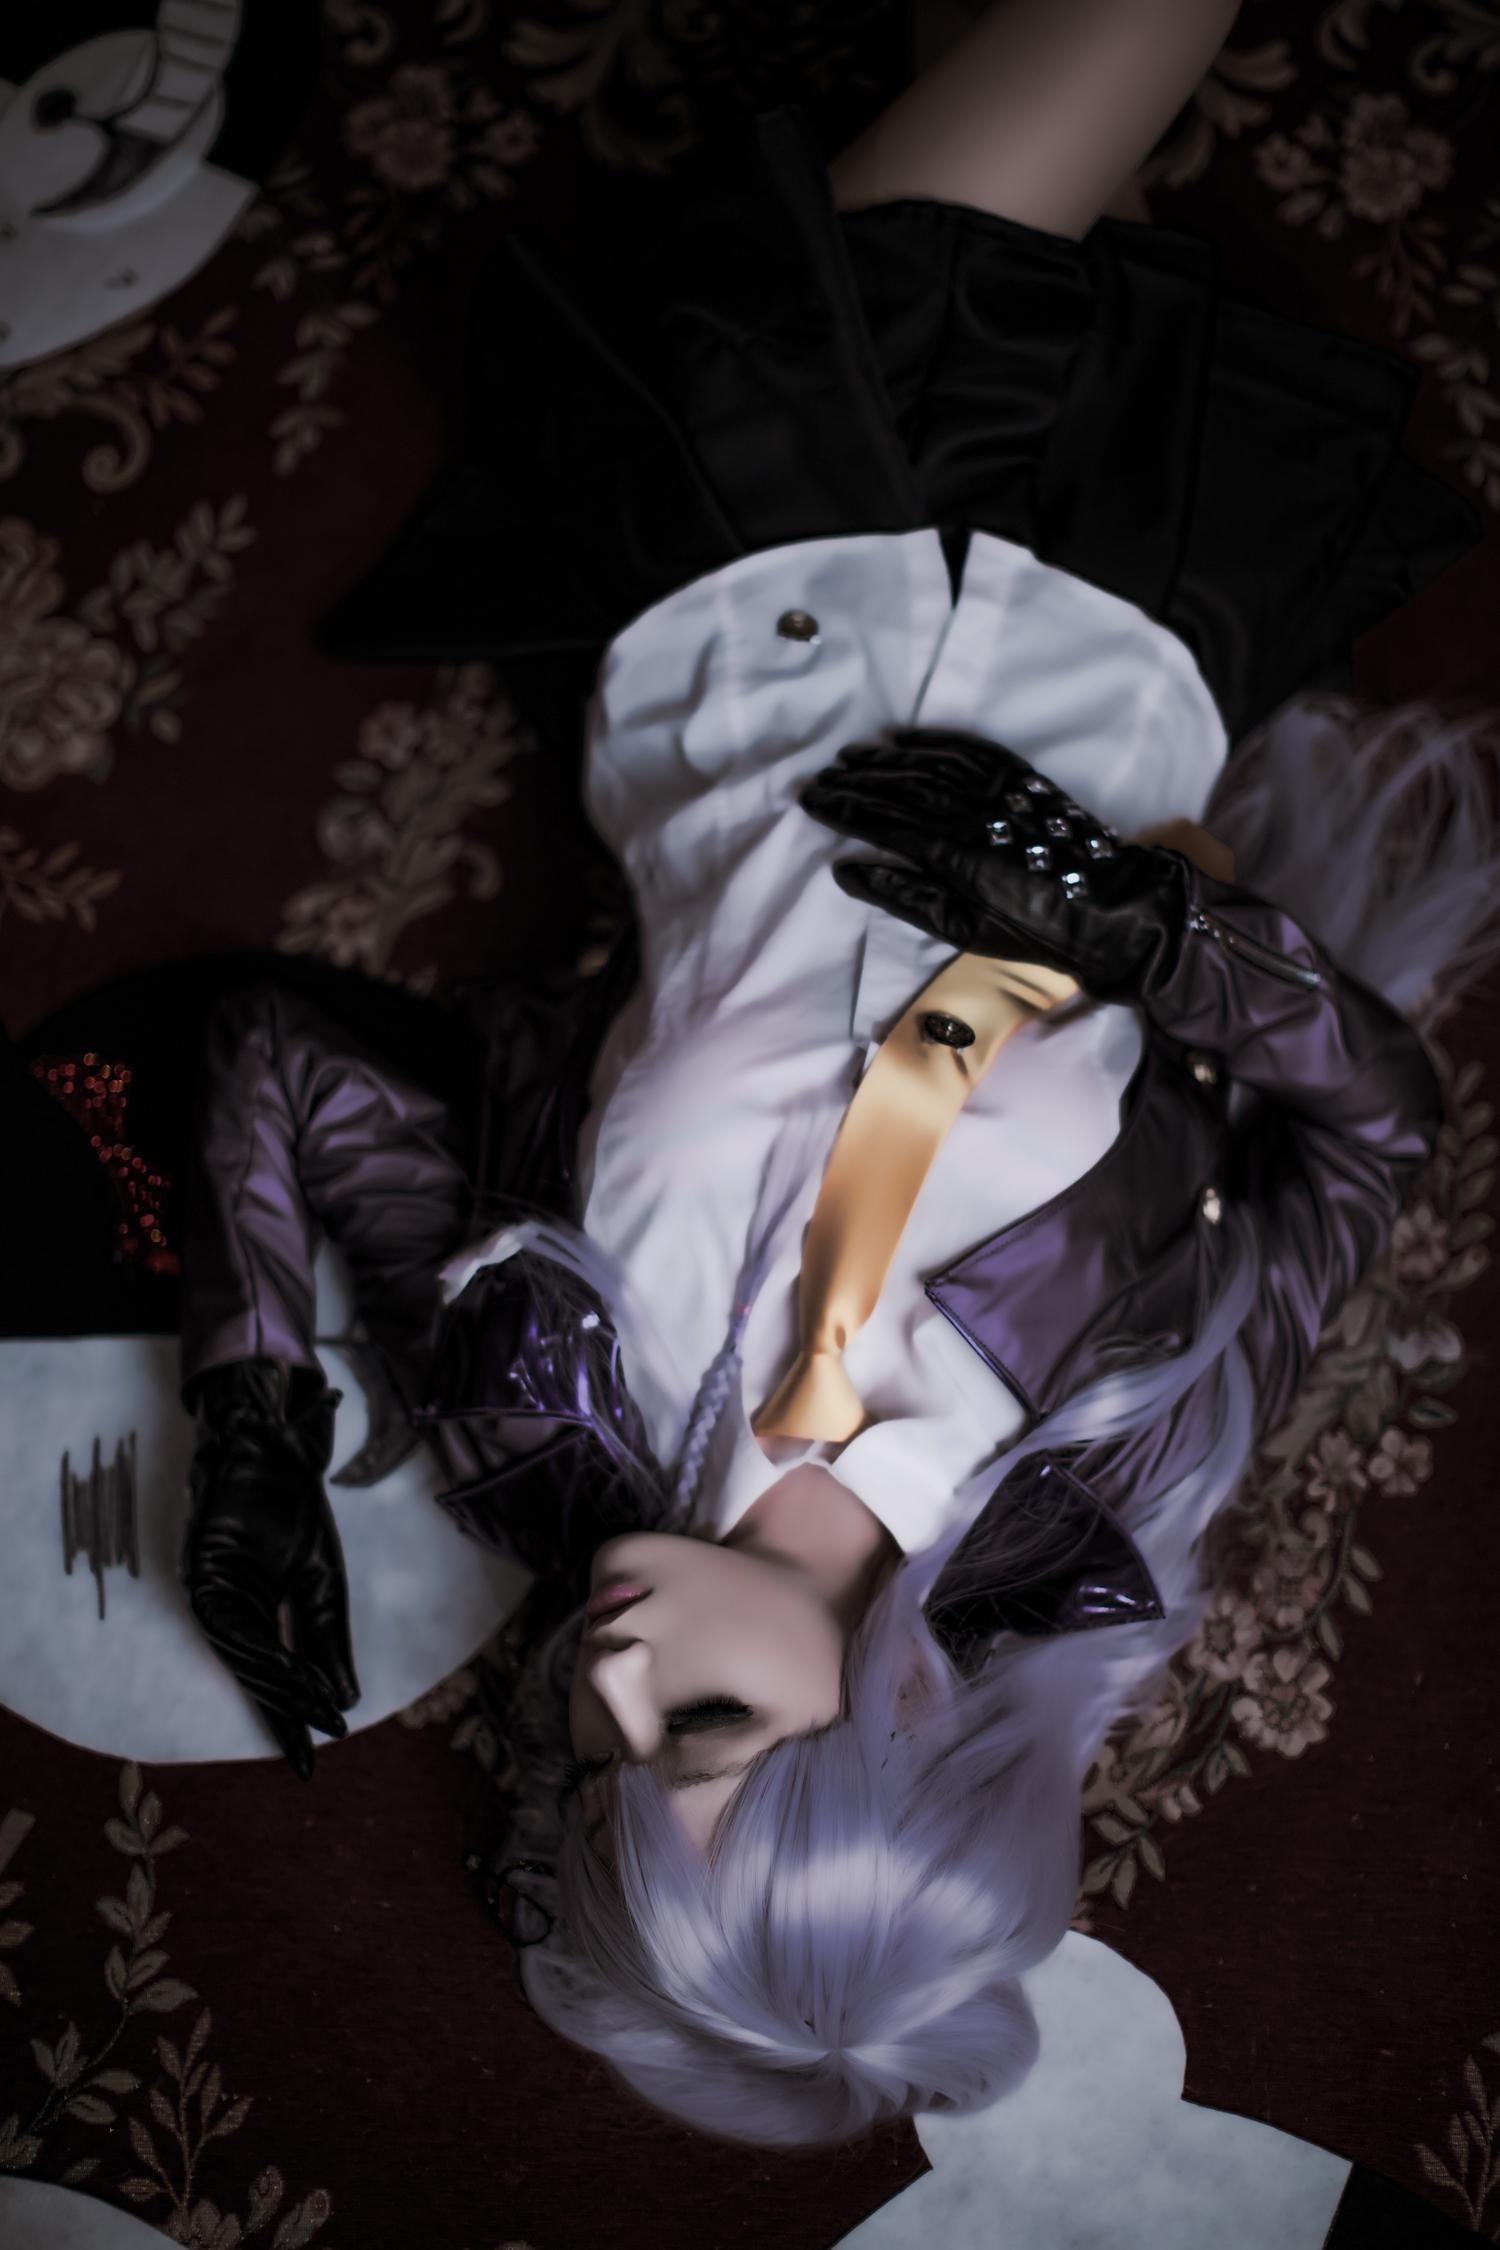 Classy Kyouko Kirigiri Cosplay by Aza Miyuko haruhichan.com Danganronpa Kibou no Gakuen to Zetsubou no Koukousei Kyouko Kirigiri cosplay 22